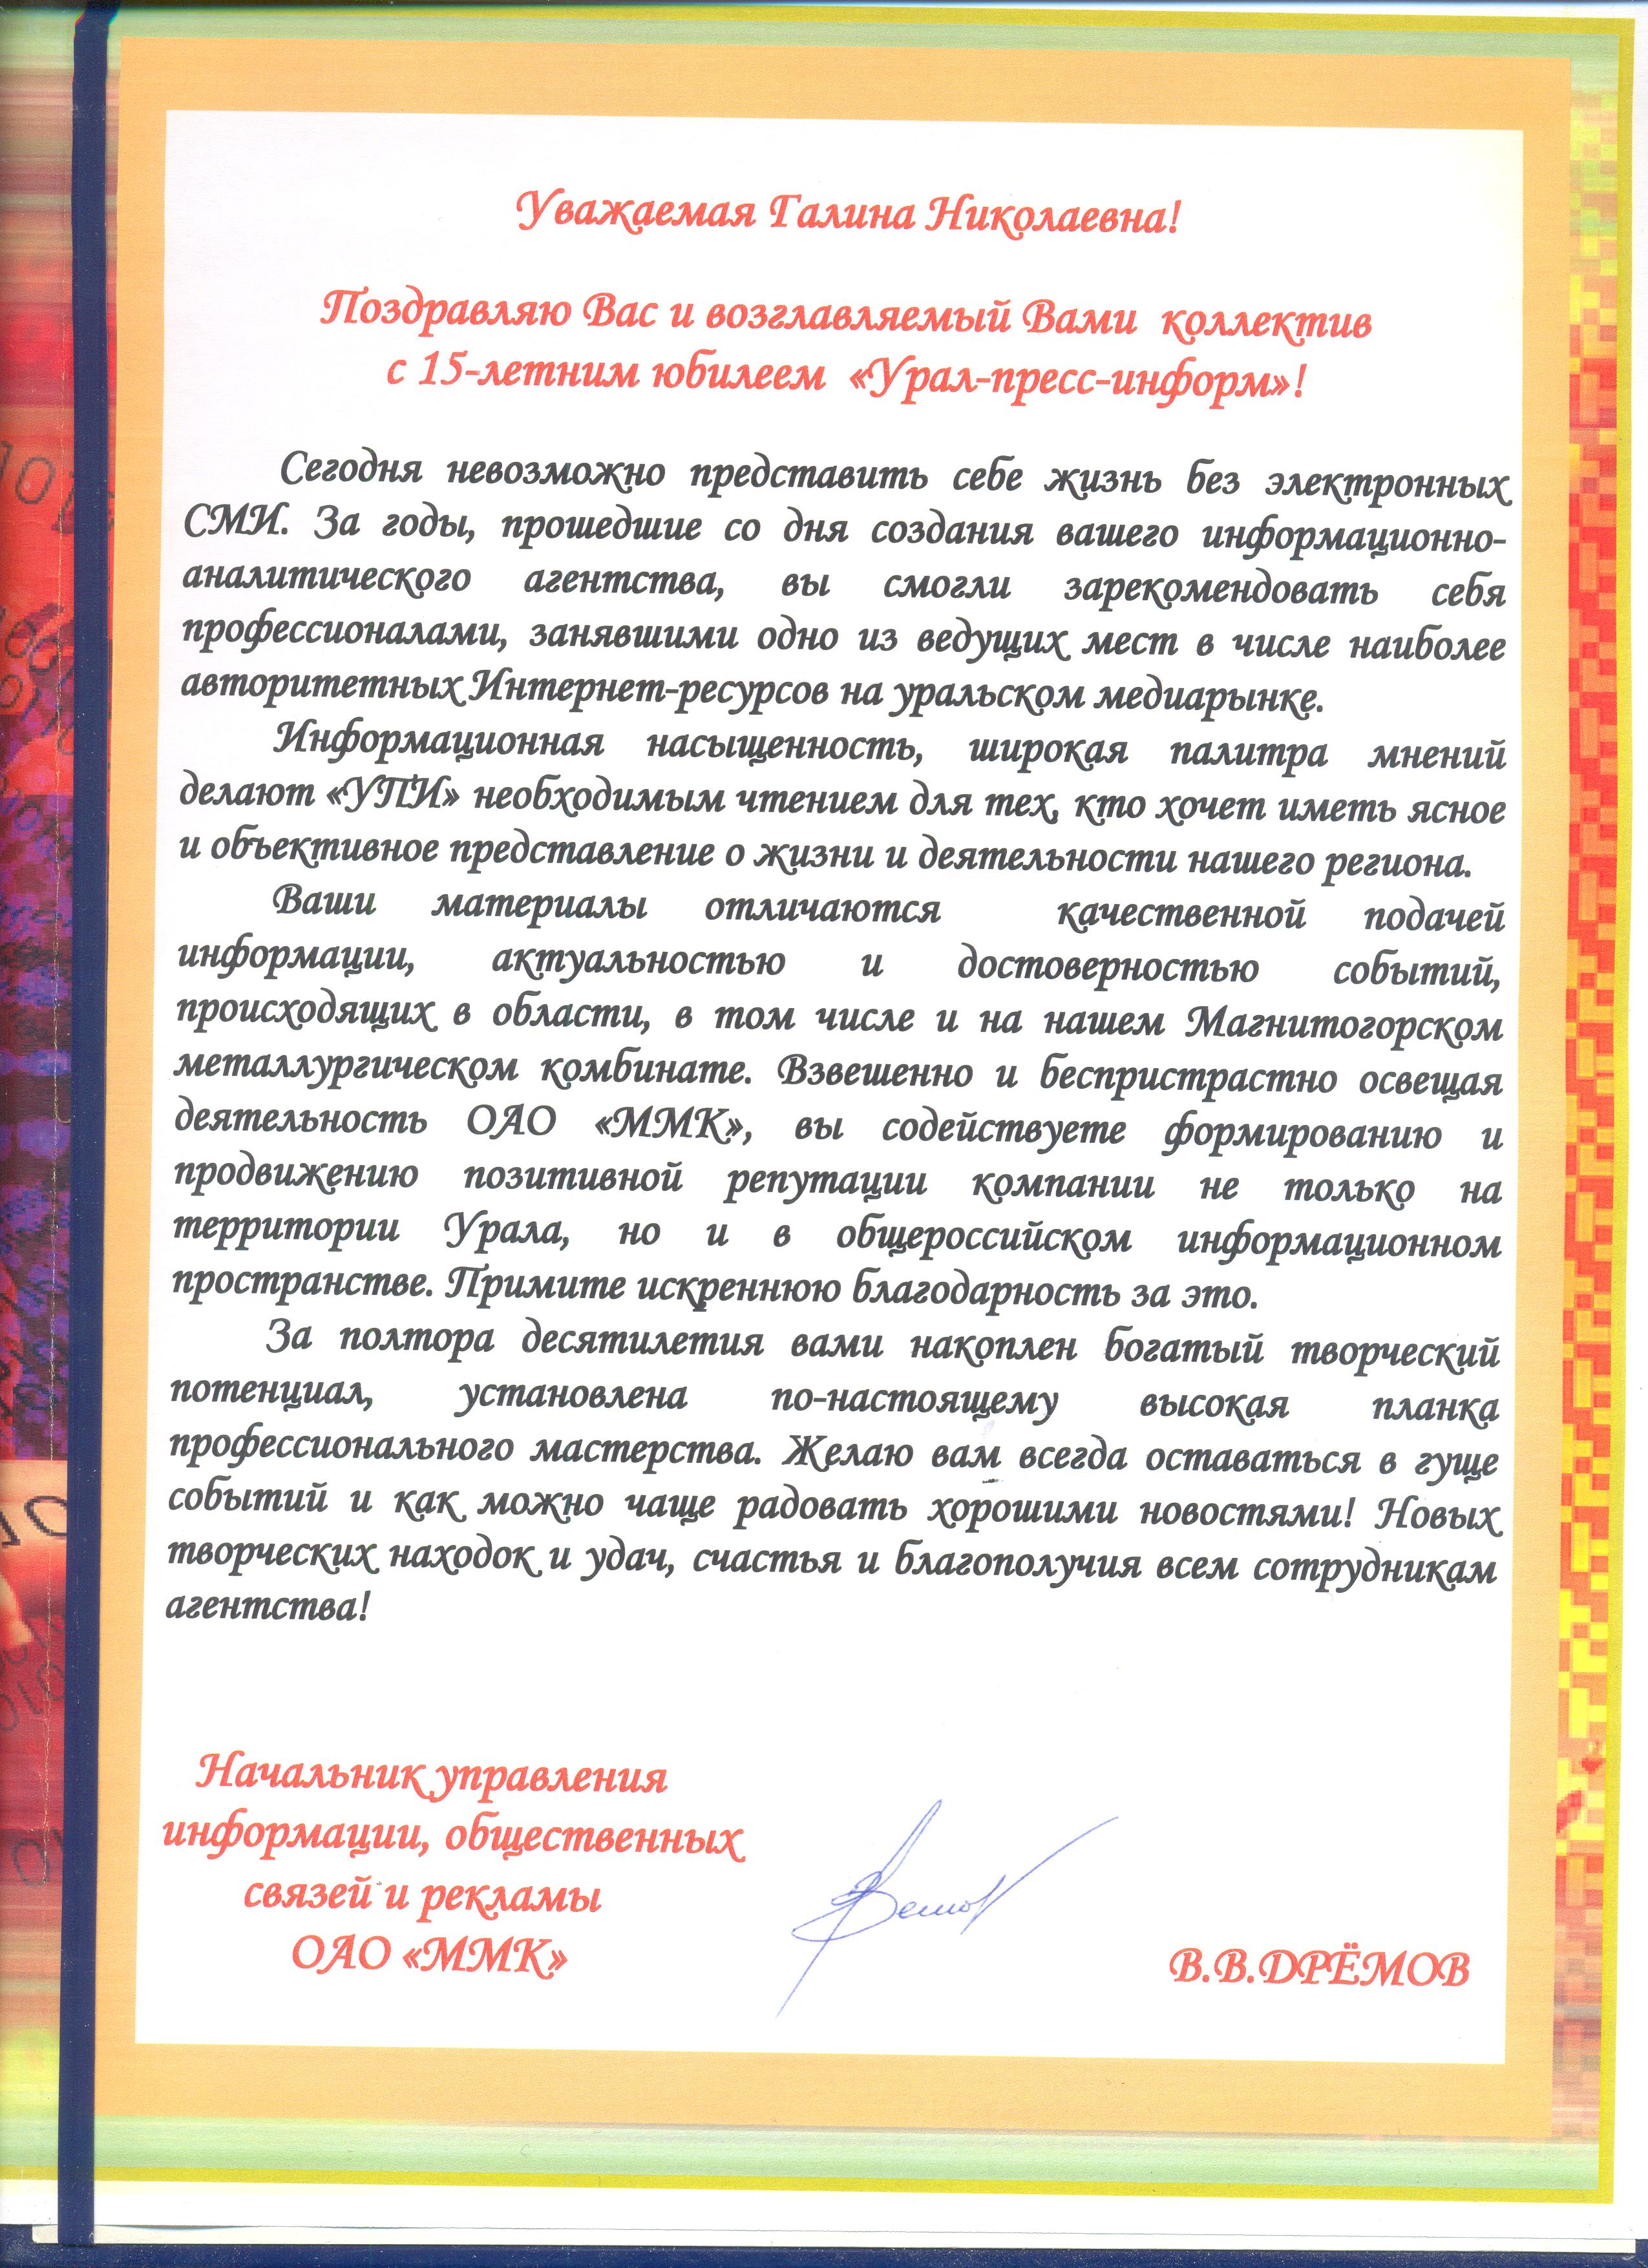 2016   Управление информации, общественных связей и рекламы ОАО «ММК»